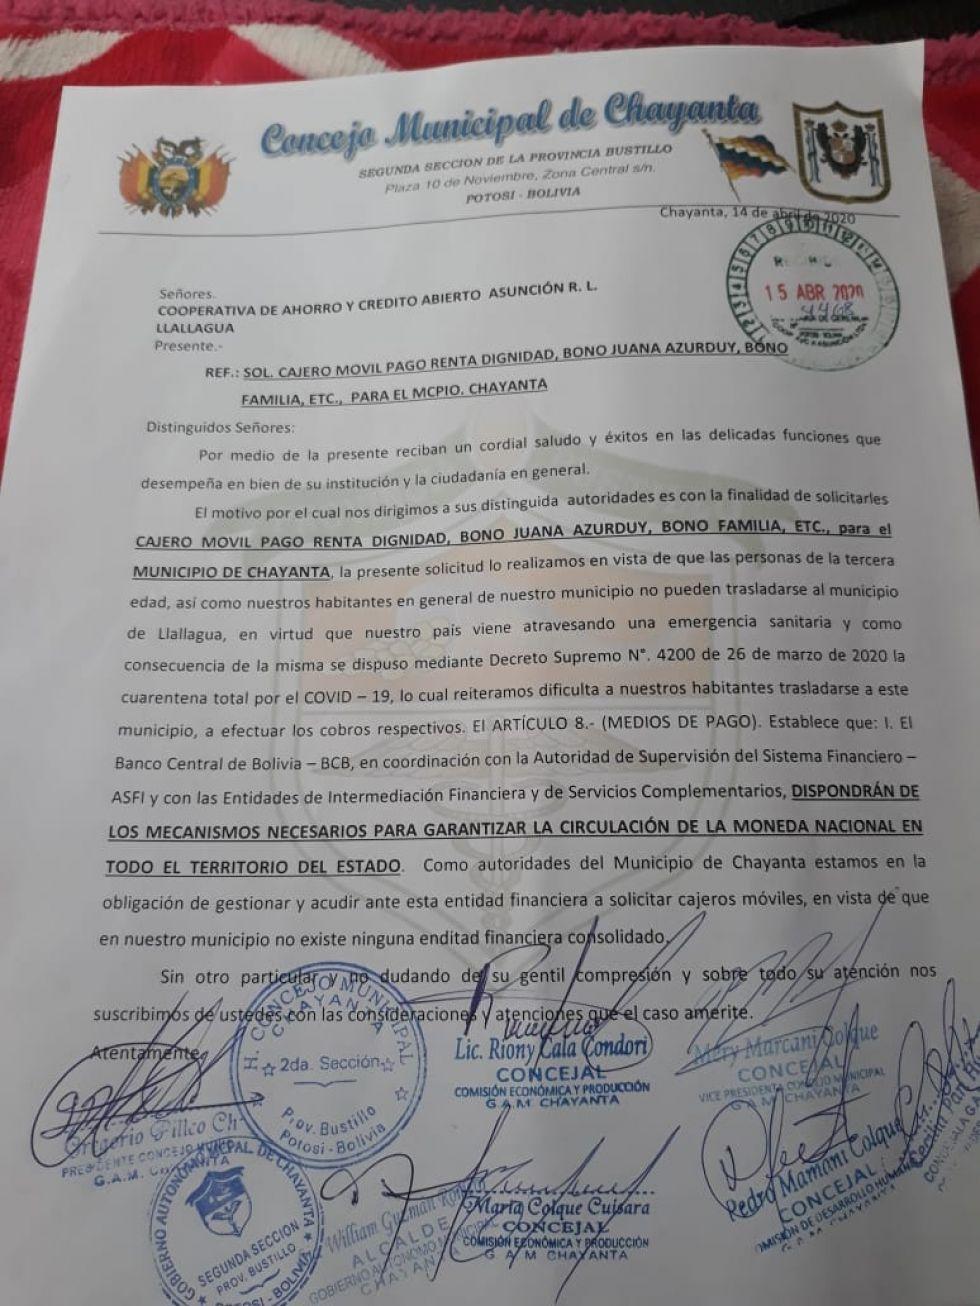 Los pobladores de ese municipio se organizan para cumplir la cuarentena.